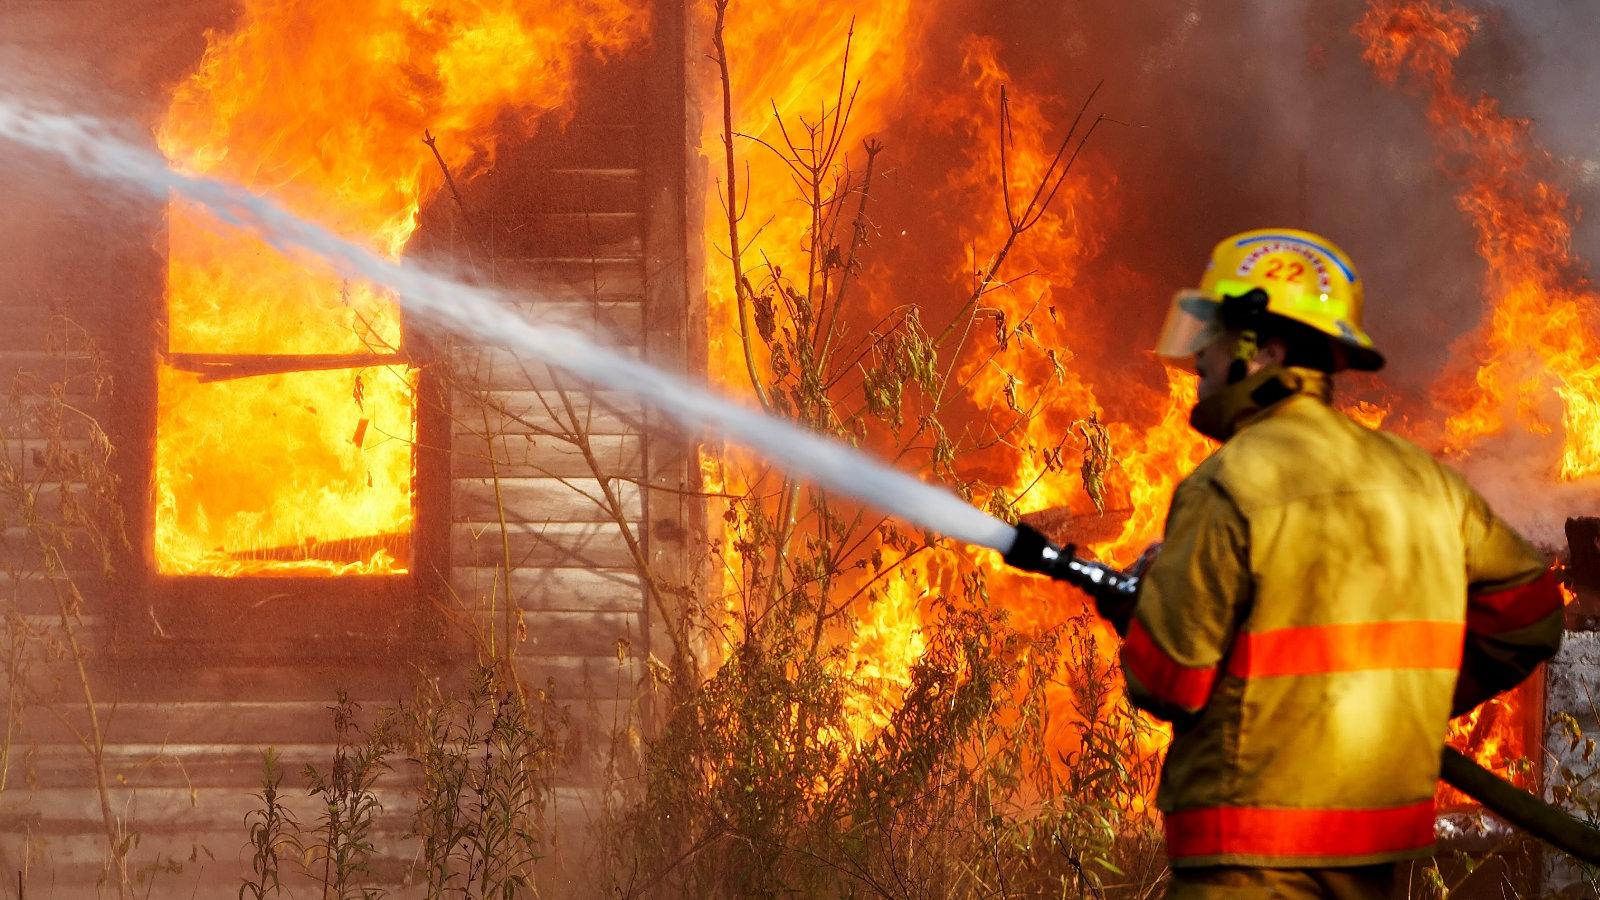 Назначение регламента – спасение людей при пожарах и недопущение возгораний